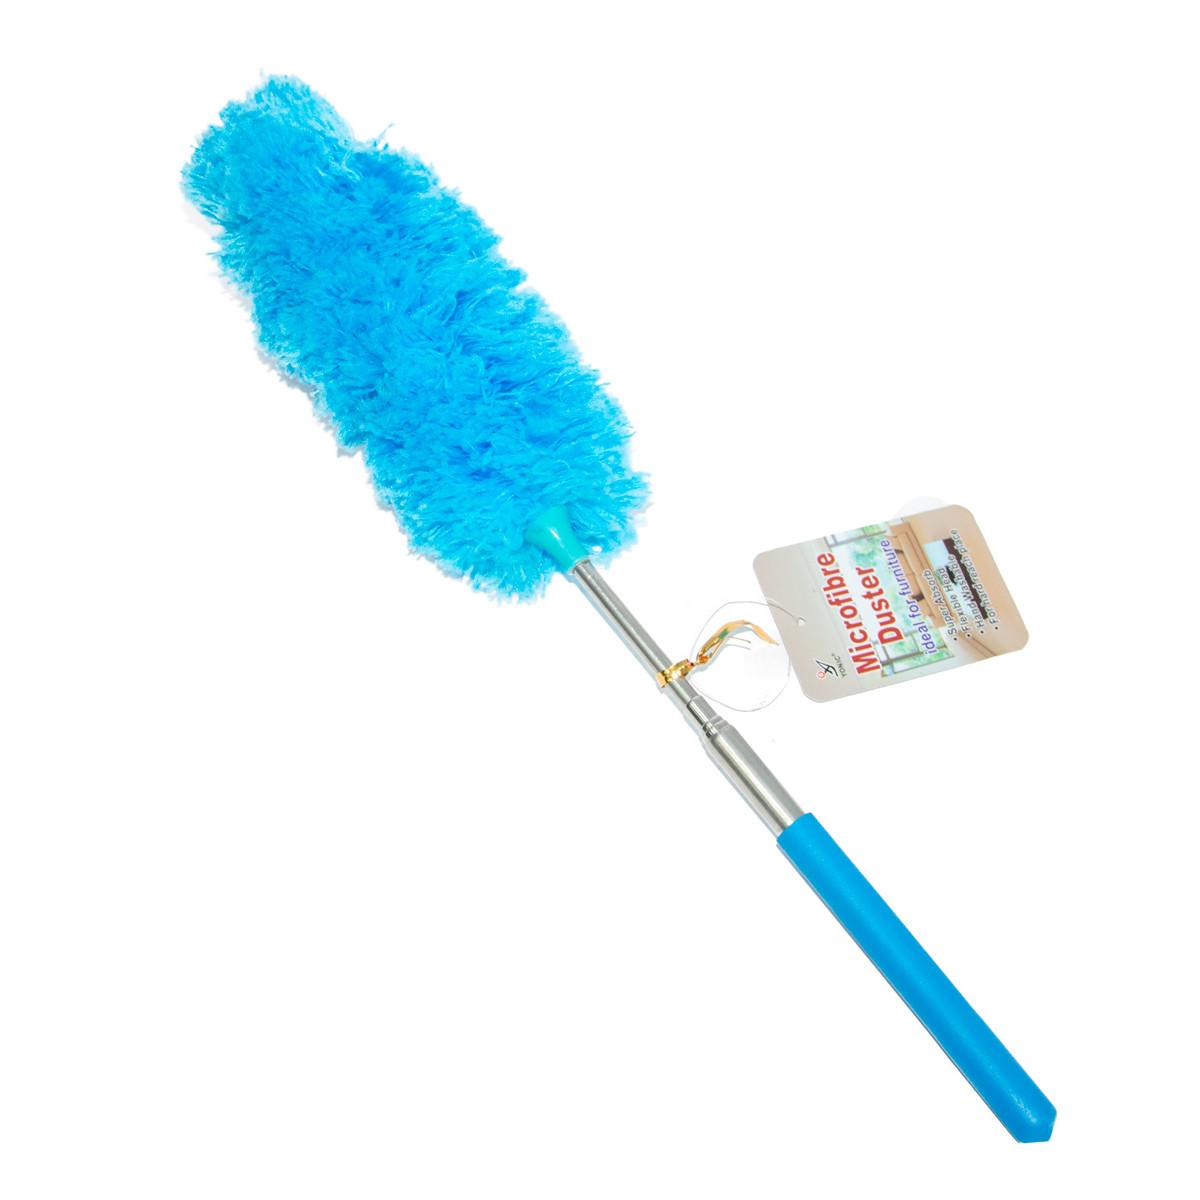 Пипидастр для уборки пыли Microfibre Duster 33-80 см голубой, телескопическая метелка для смахивания пыли (GK)